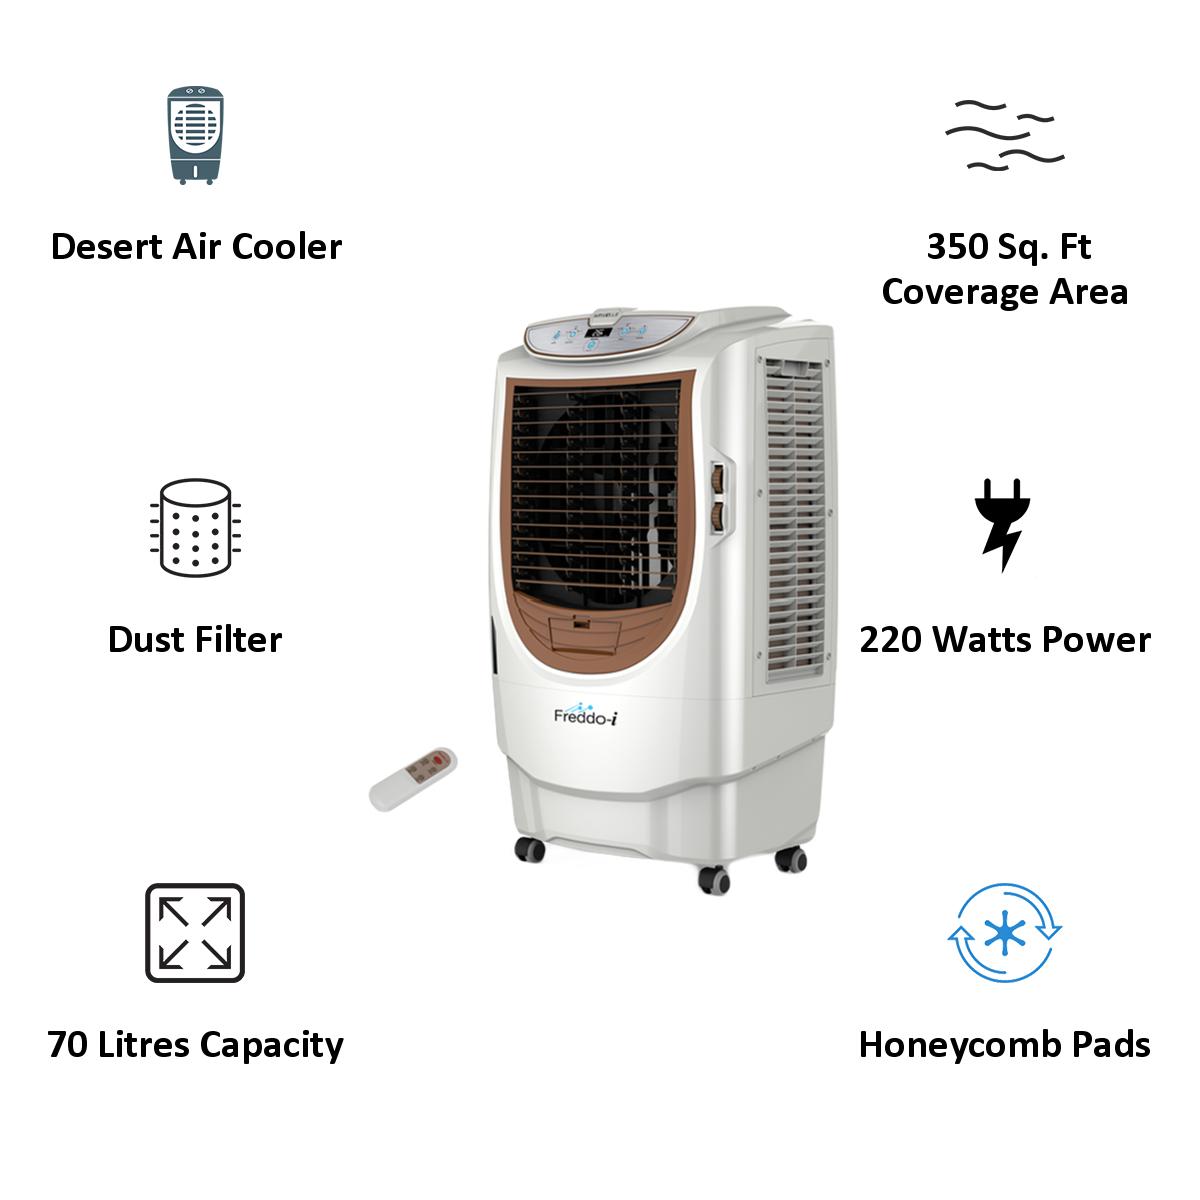 Havells 70 Litres Desert Air Cooler (Freddo I, White)_3